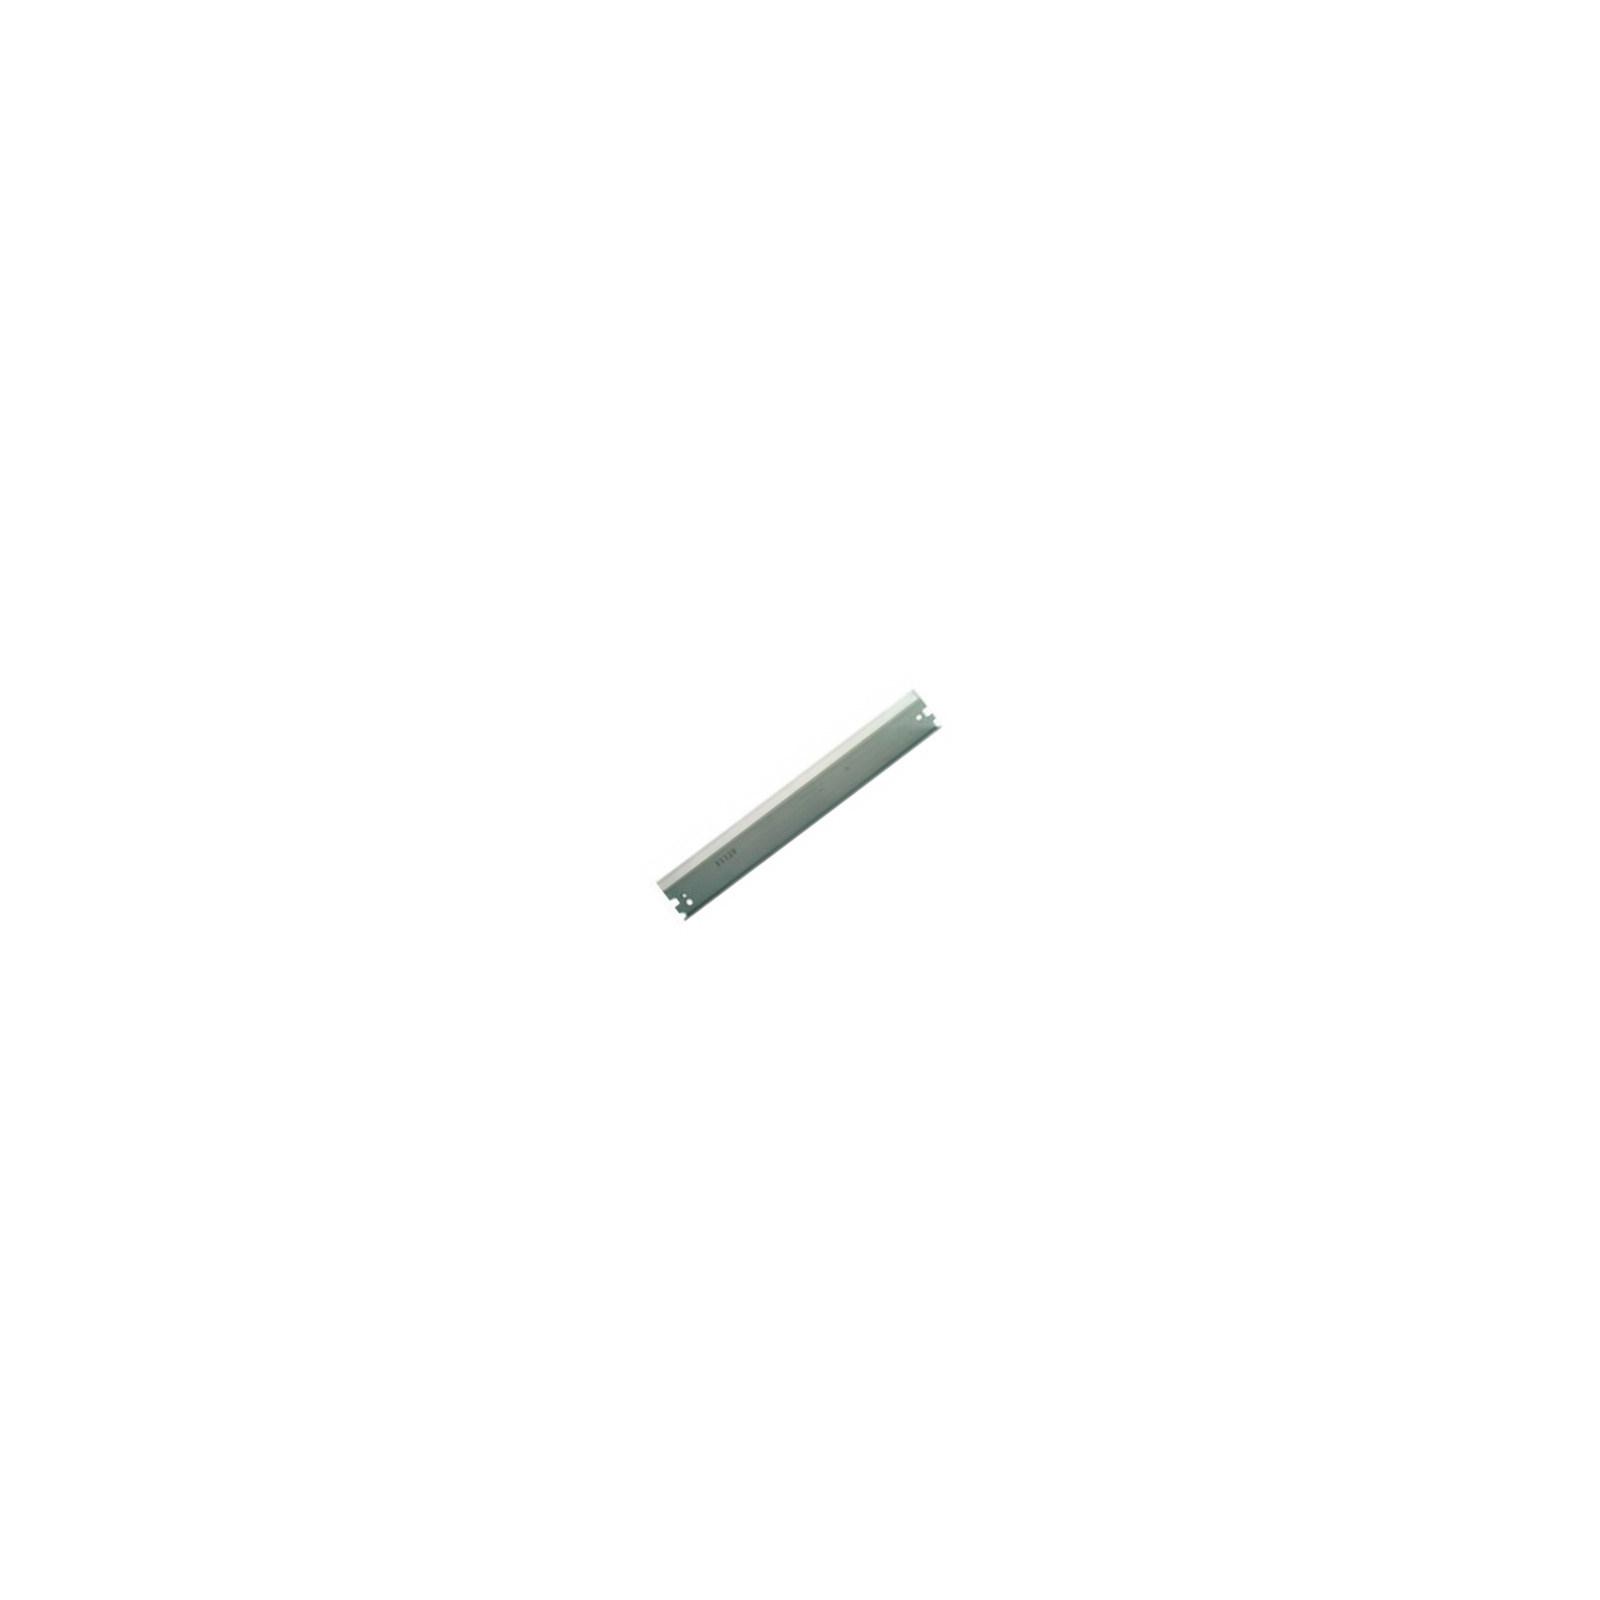 Чистящее лезвие (ракель) SAMSUNG ML-1510/1710/1750 AHK (2300900)